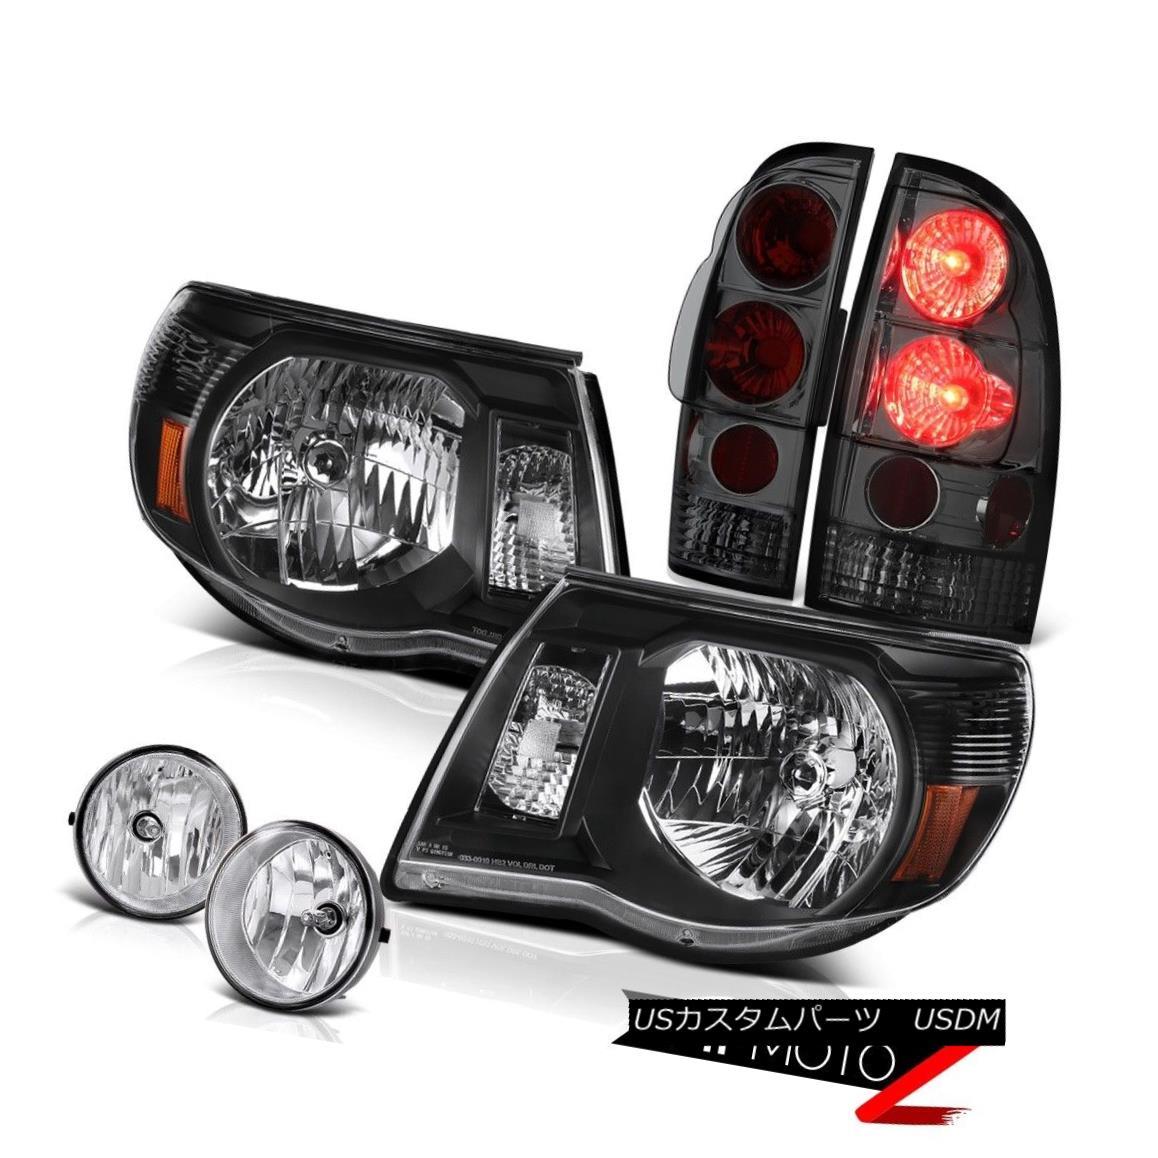 テールライト L+R Black Headlight Smoke Tail Light Chrome Fog 05 06 07 08 09 10 11 Tacoma 4.0L L + Rブラックヘッドライトスモークテールライトクロームフォグ05 06 07 08 09 10 11タコマ4.0L